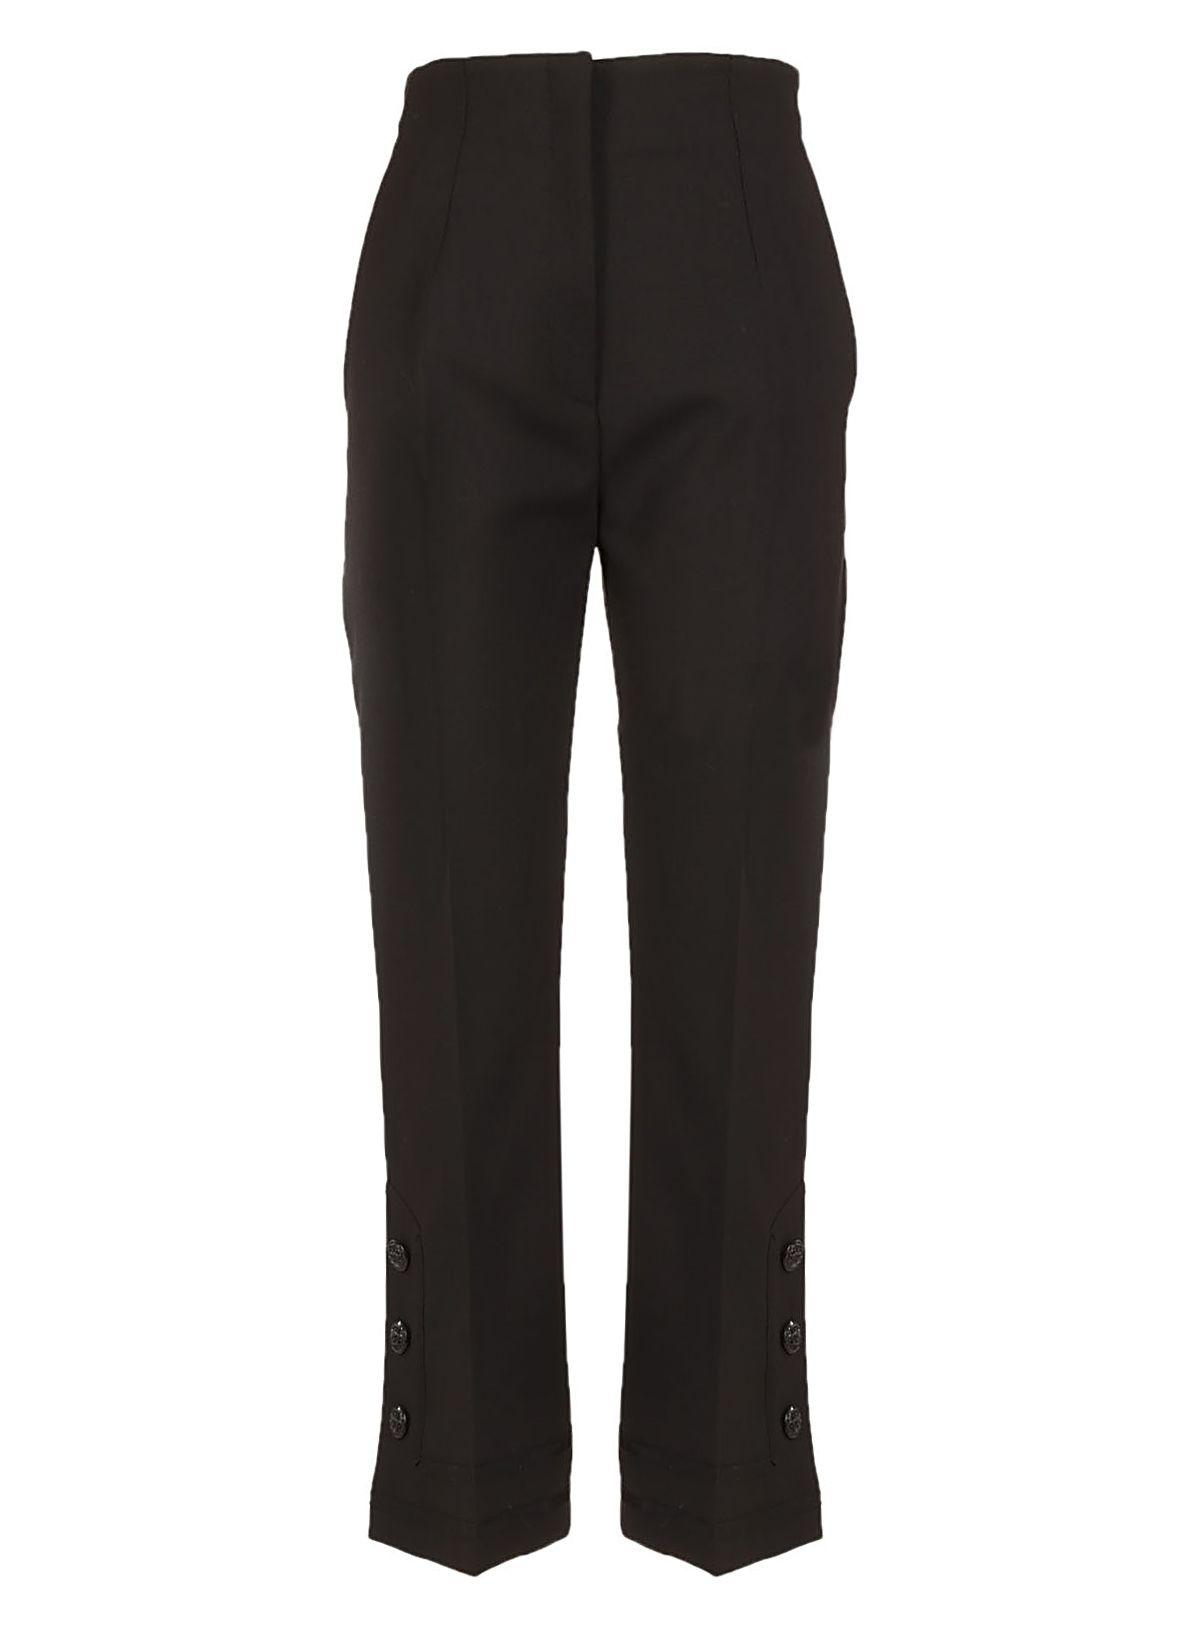 Alberta Ferretti Classic Cropped Trousers